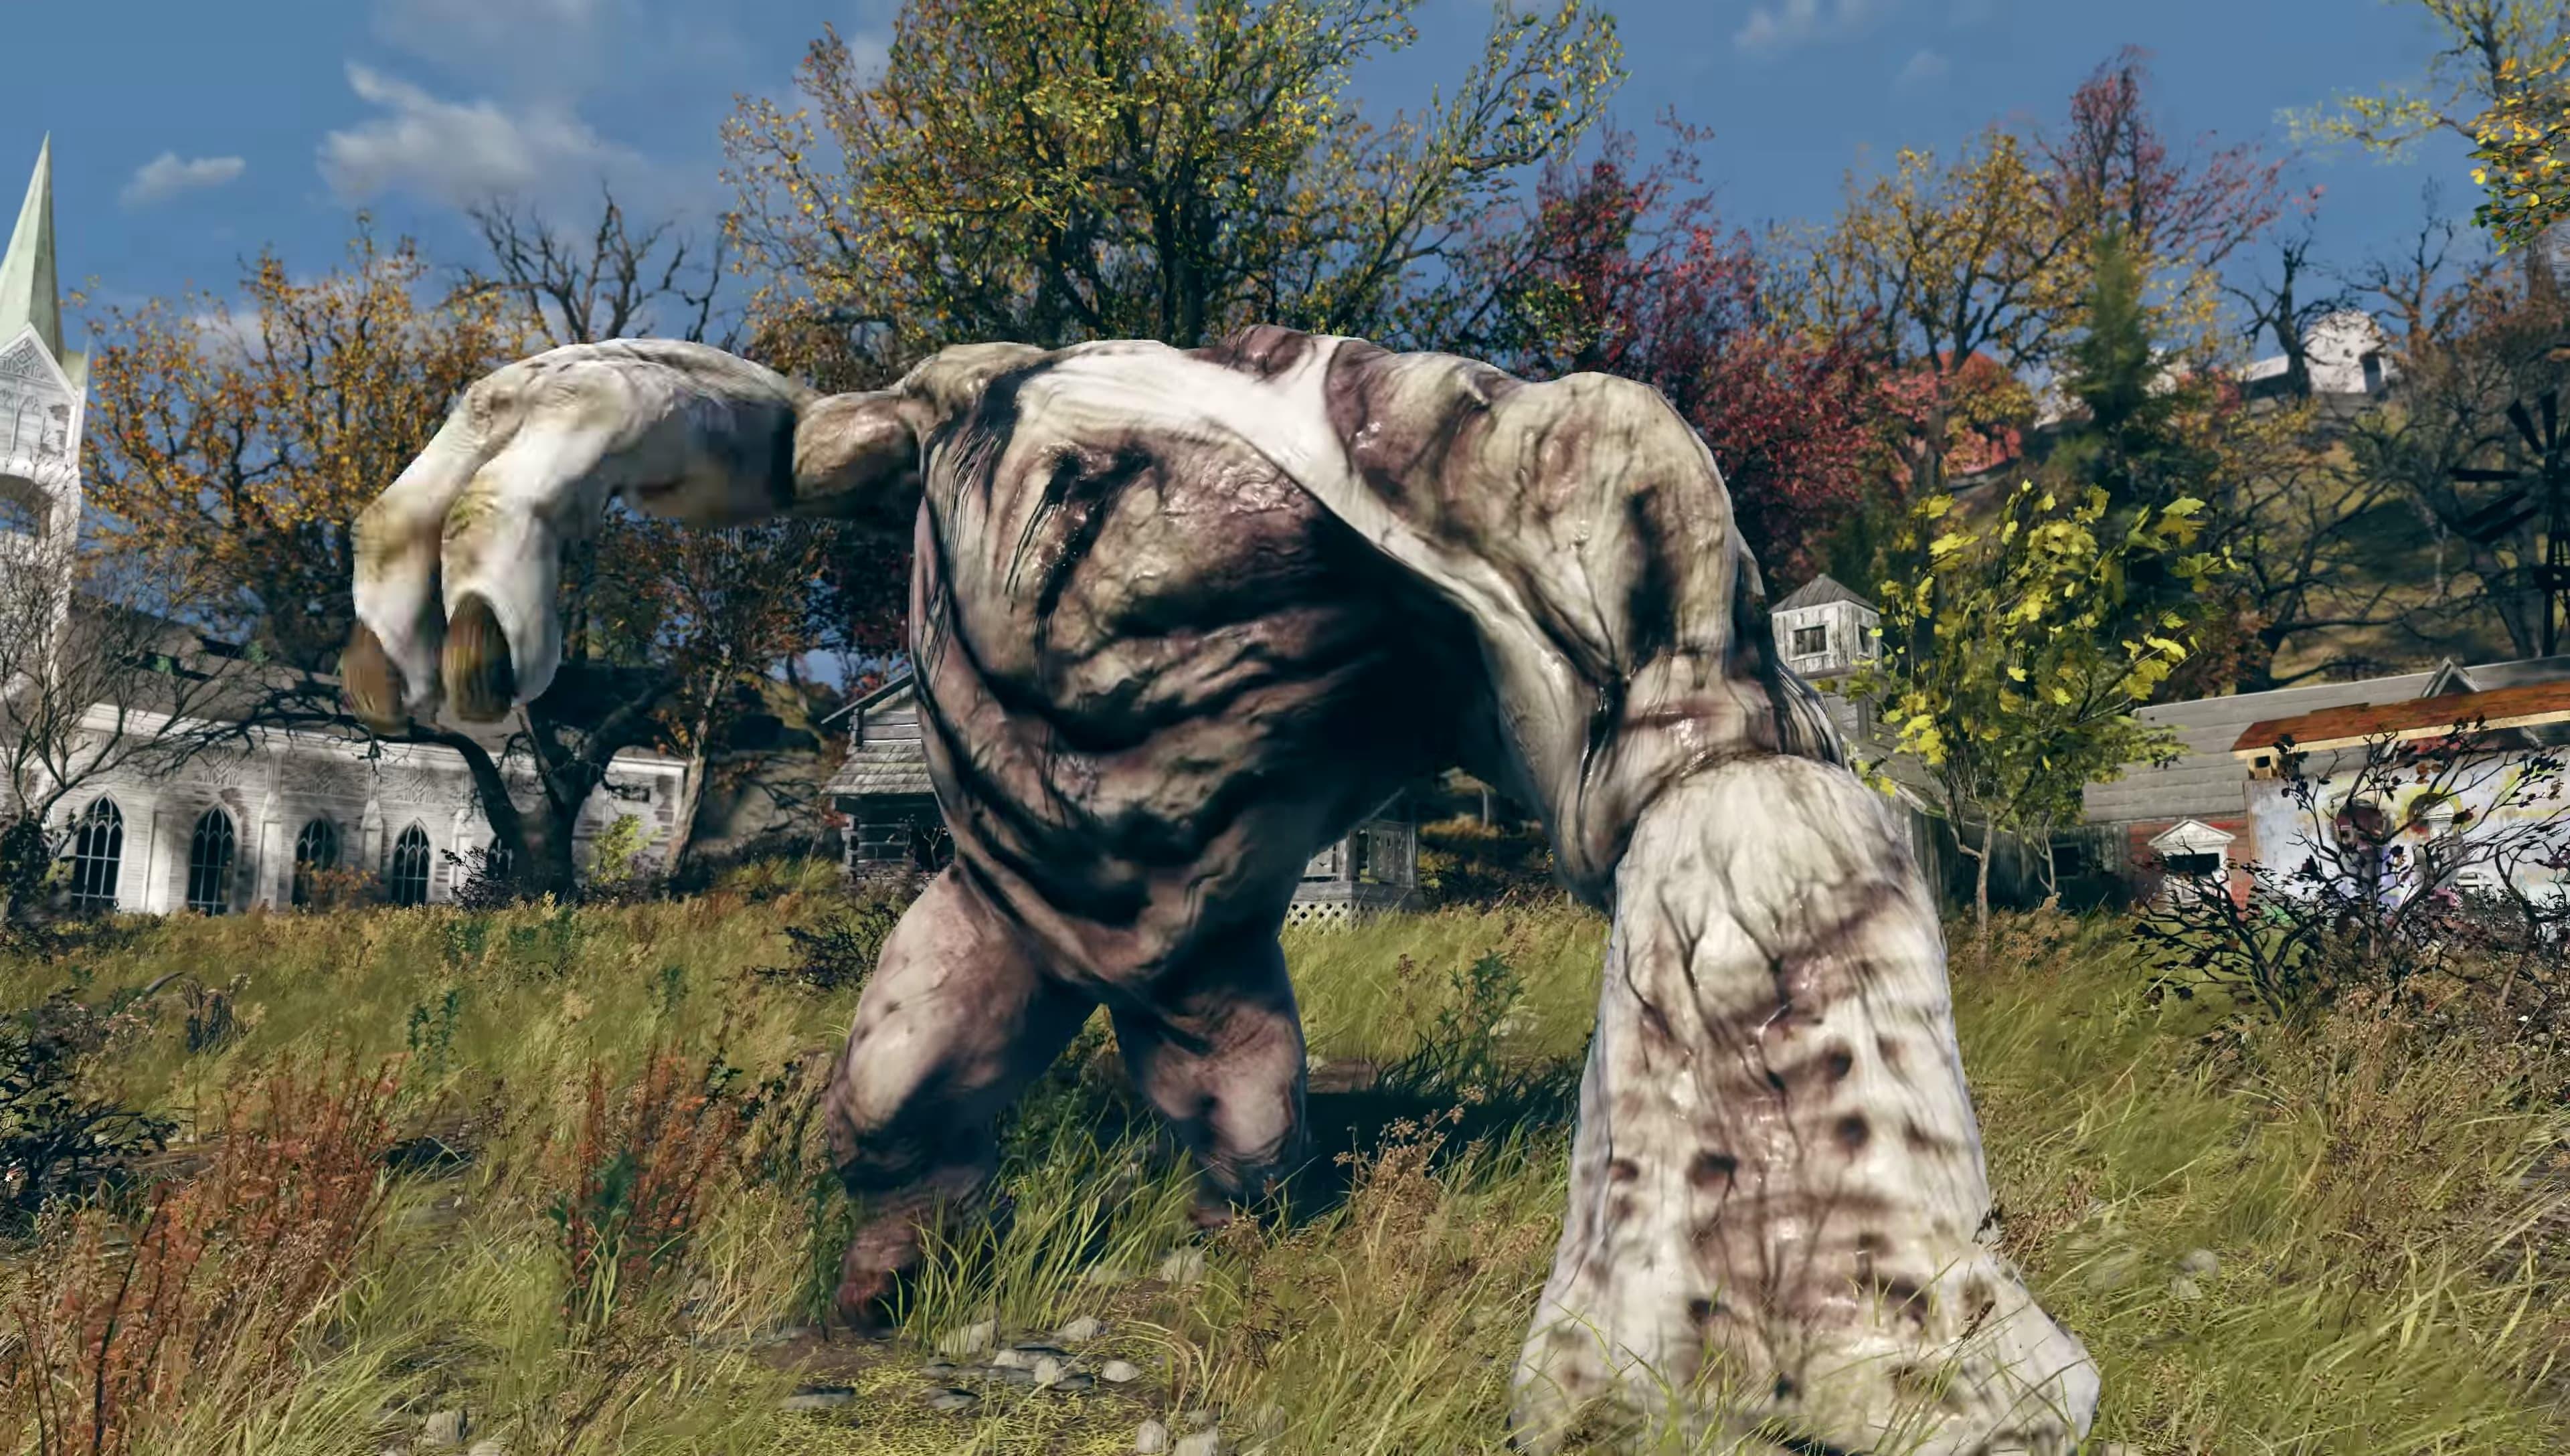 Grafton monster